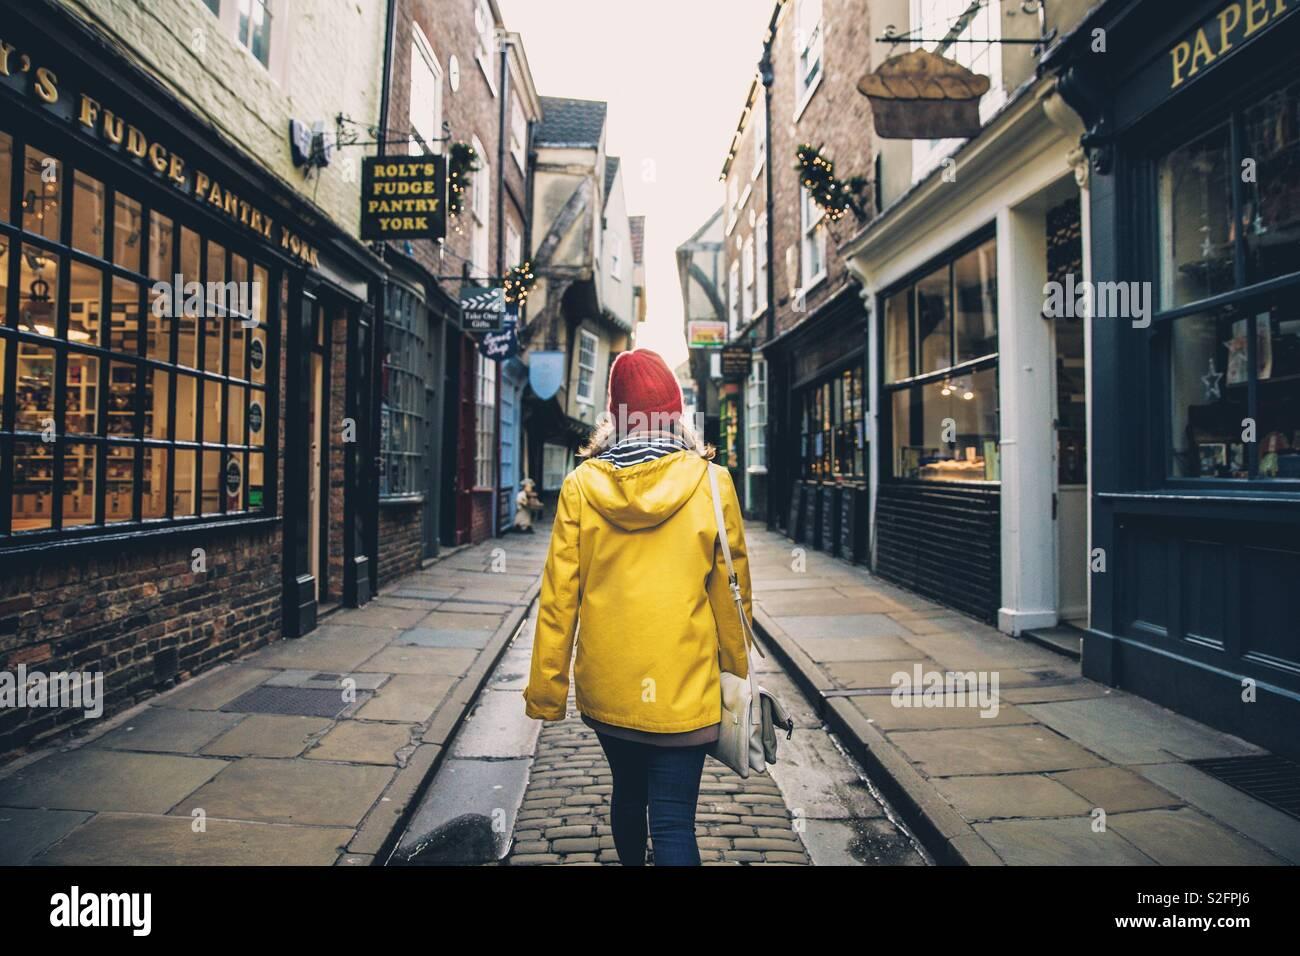 Une vue arrière d'une jeune fille à la mode de porter un manteau jaune et marcher le long d'une rue commerçante médiévale et historique connu sous le nom de York Shambles, UK Banque D'Images